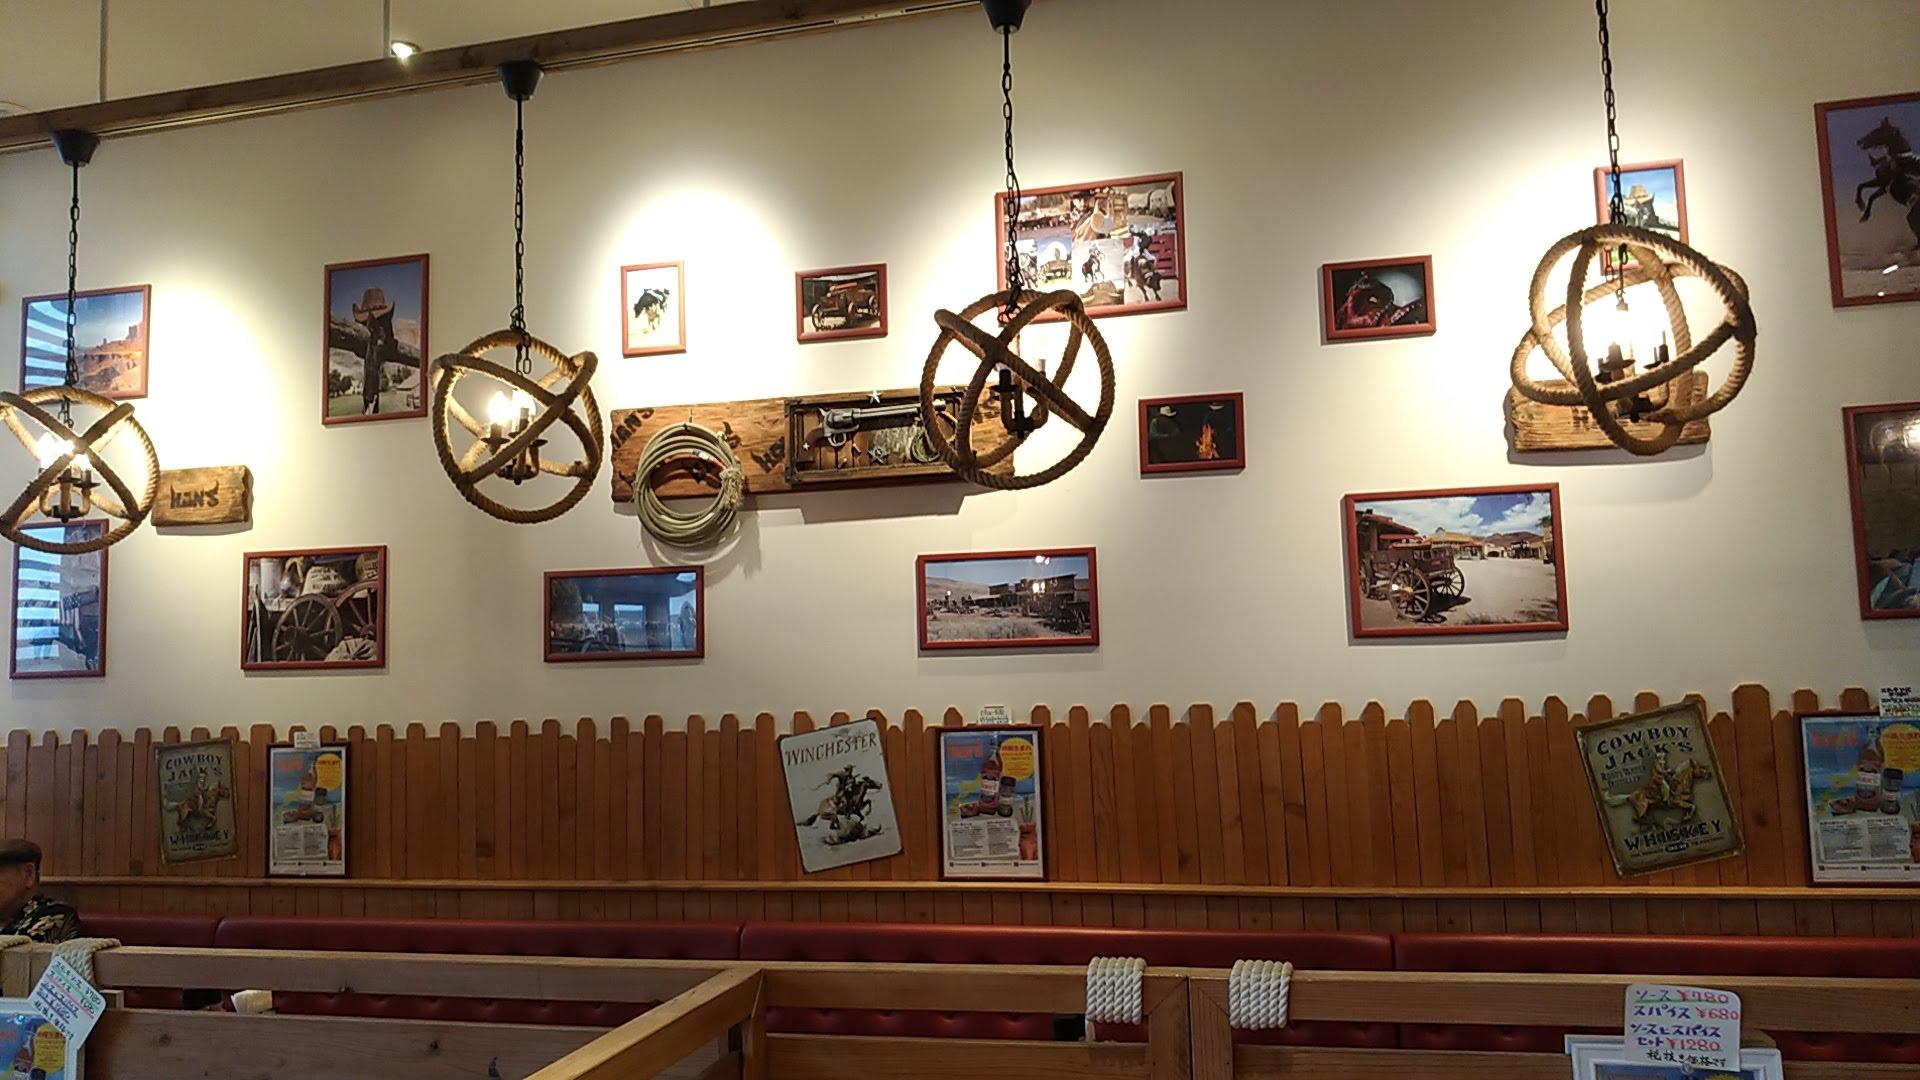 ステーキレストランハンズ HANSの店内写真 3